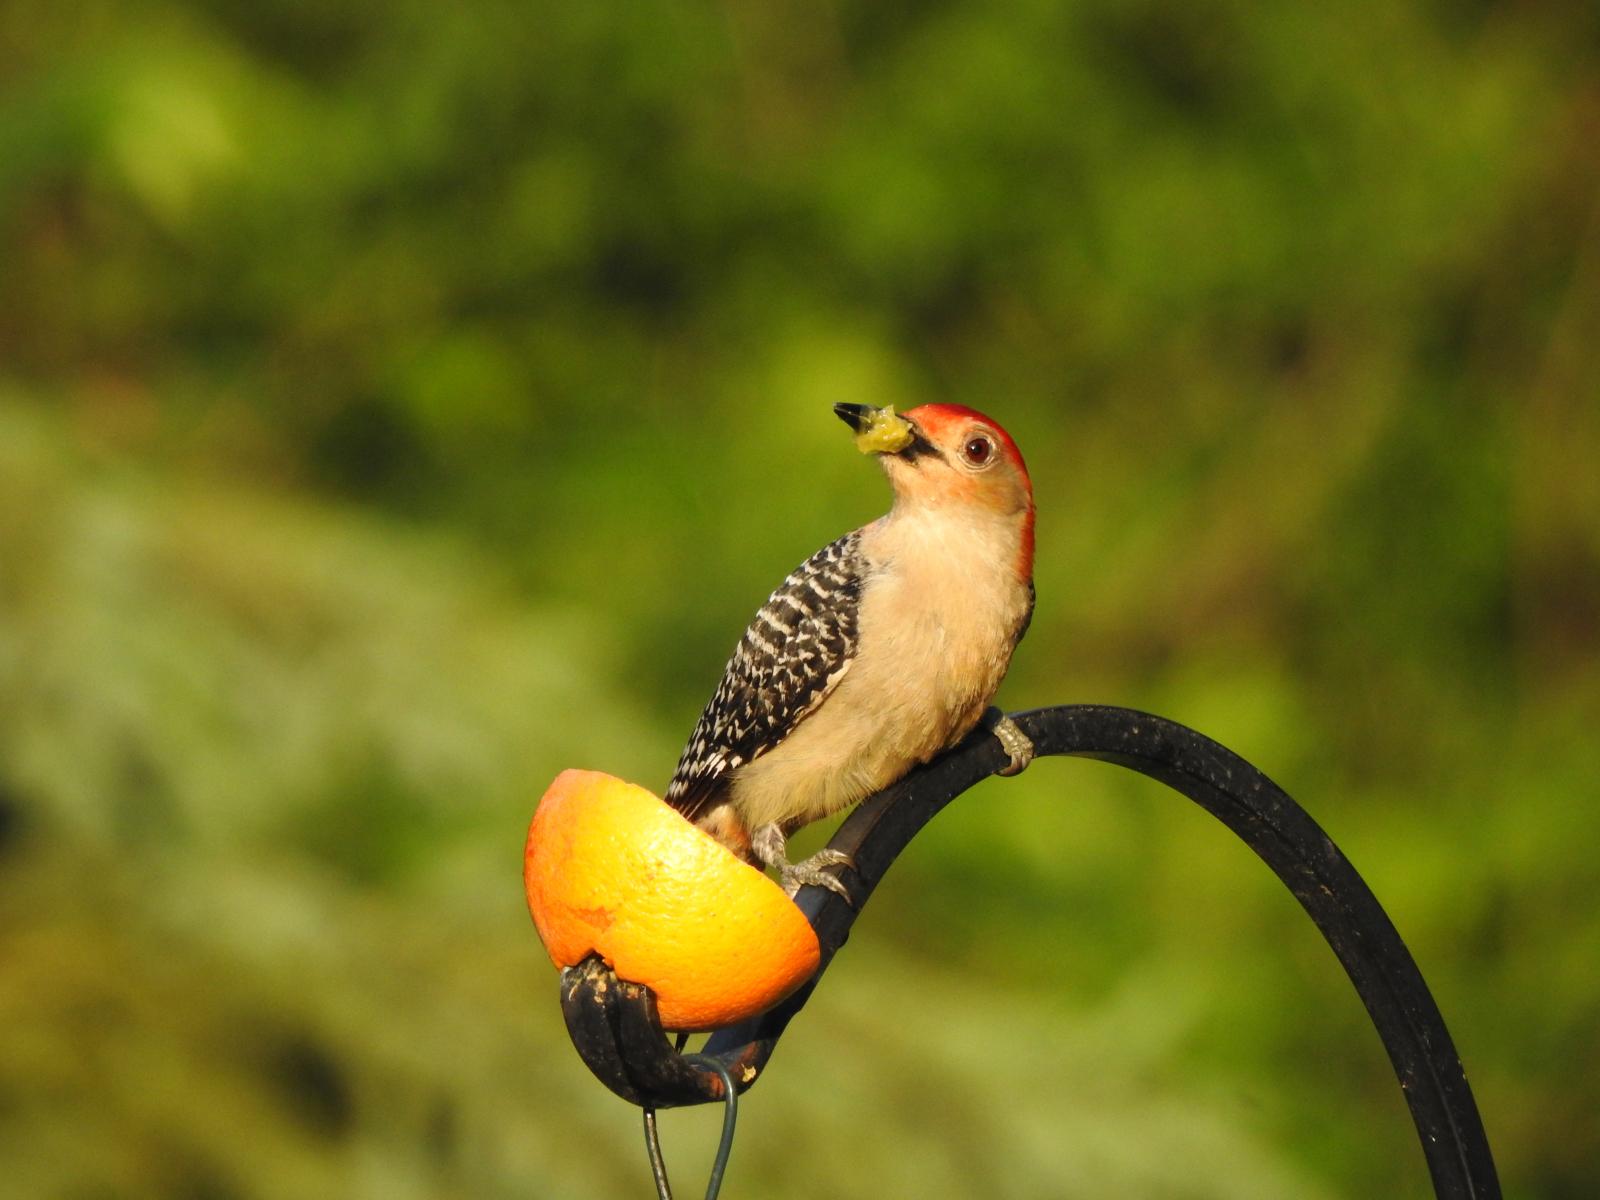 Red-bellied Woodpecker by Linda Wegs